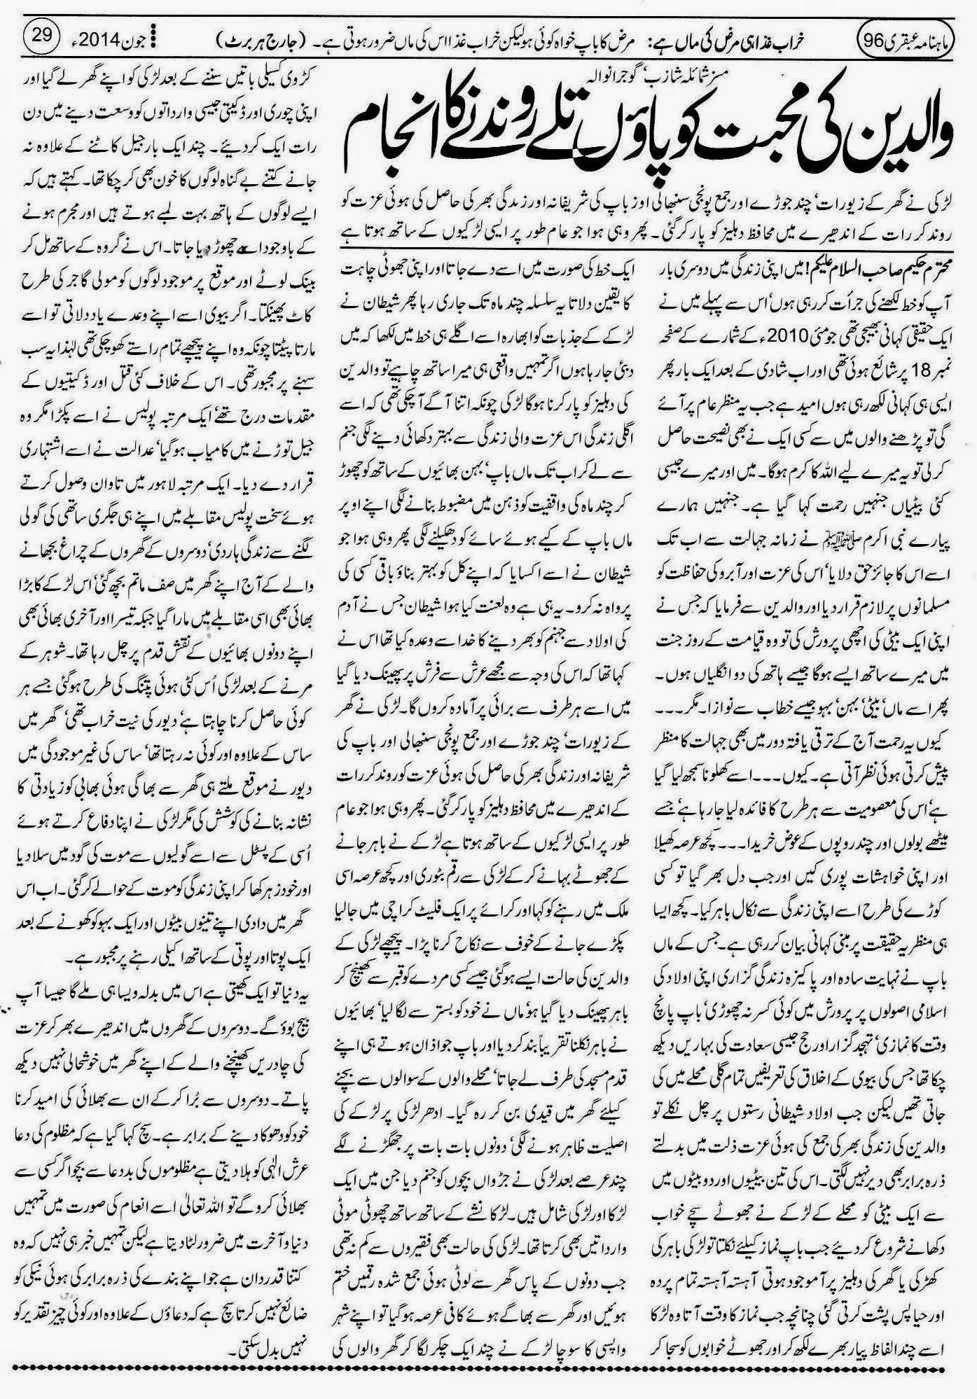 ubqari june 2014 page 29